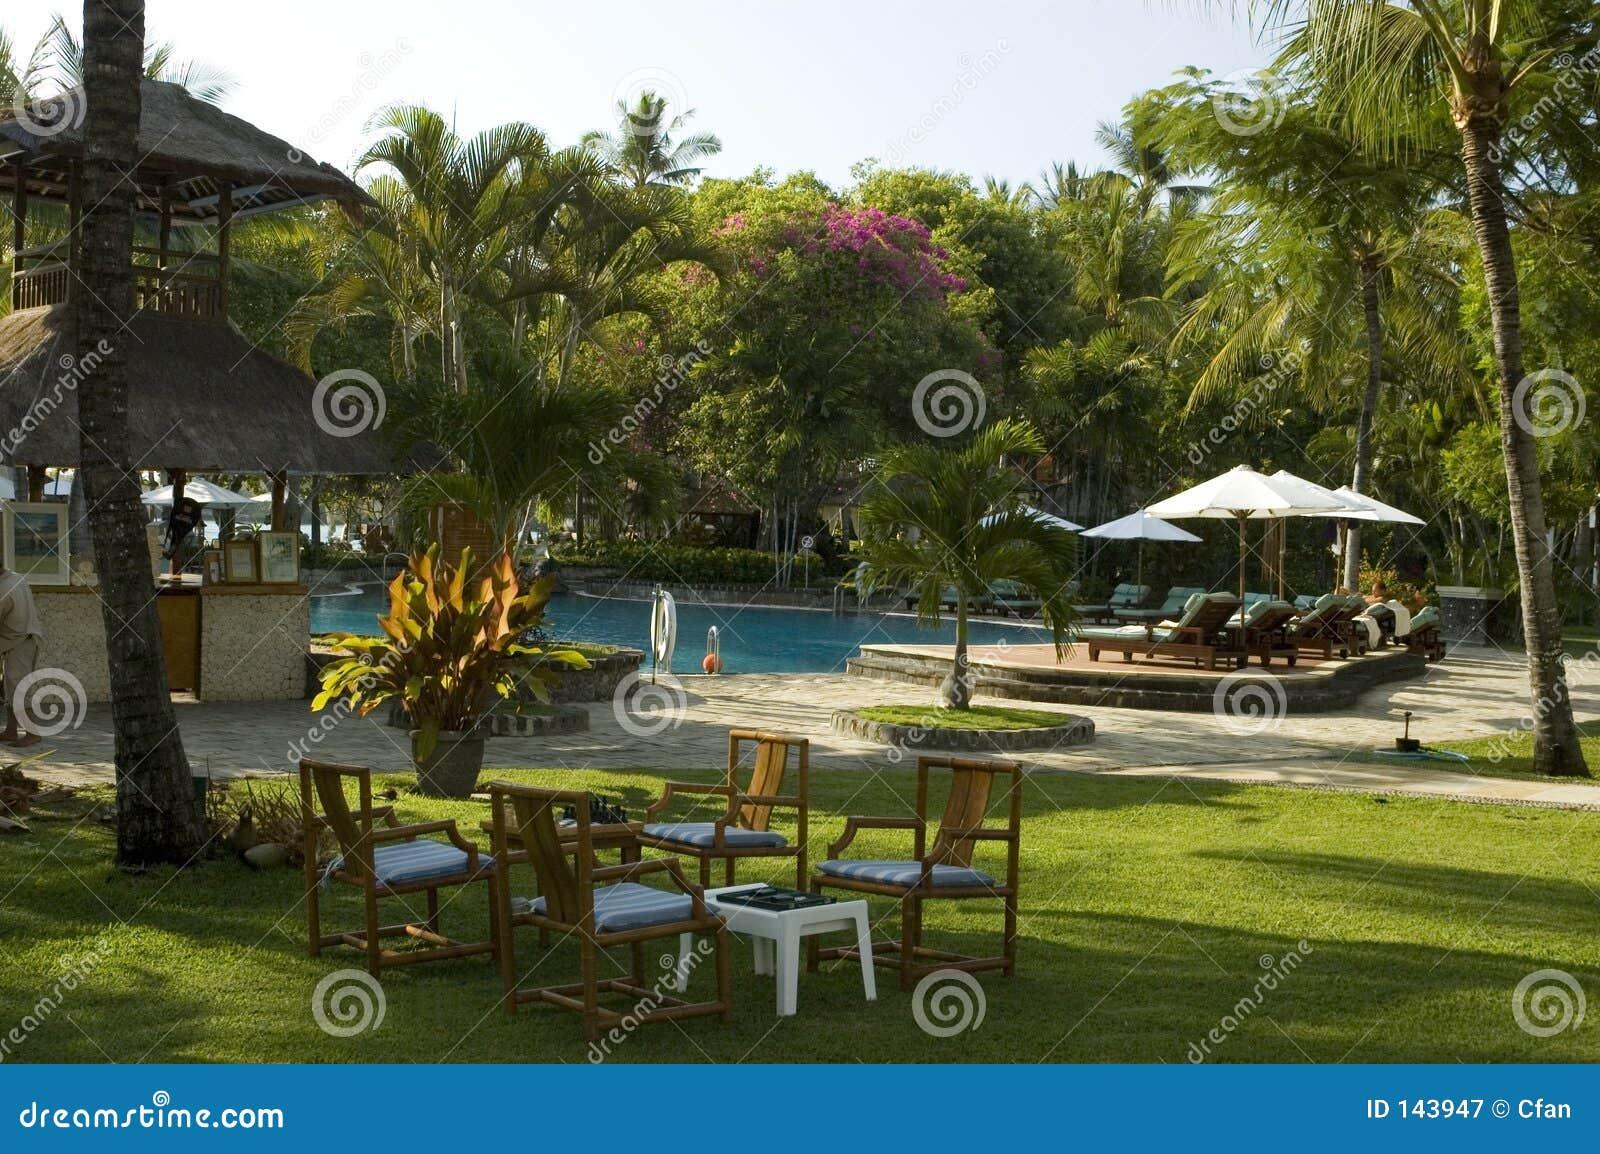 Around Bali Indonesia